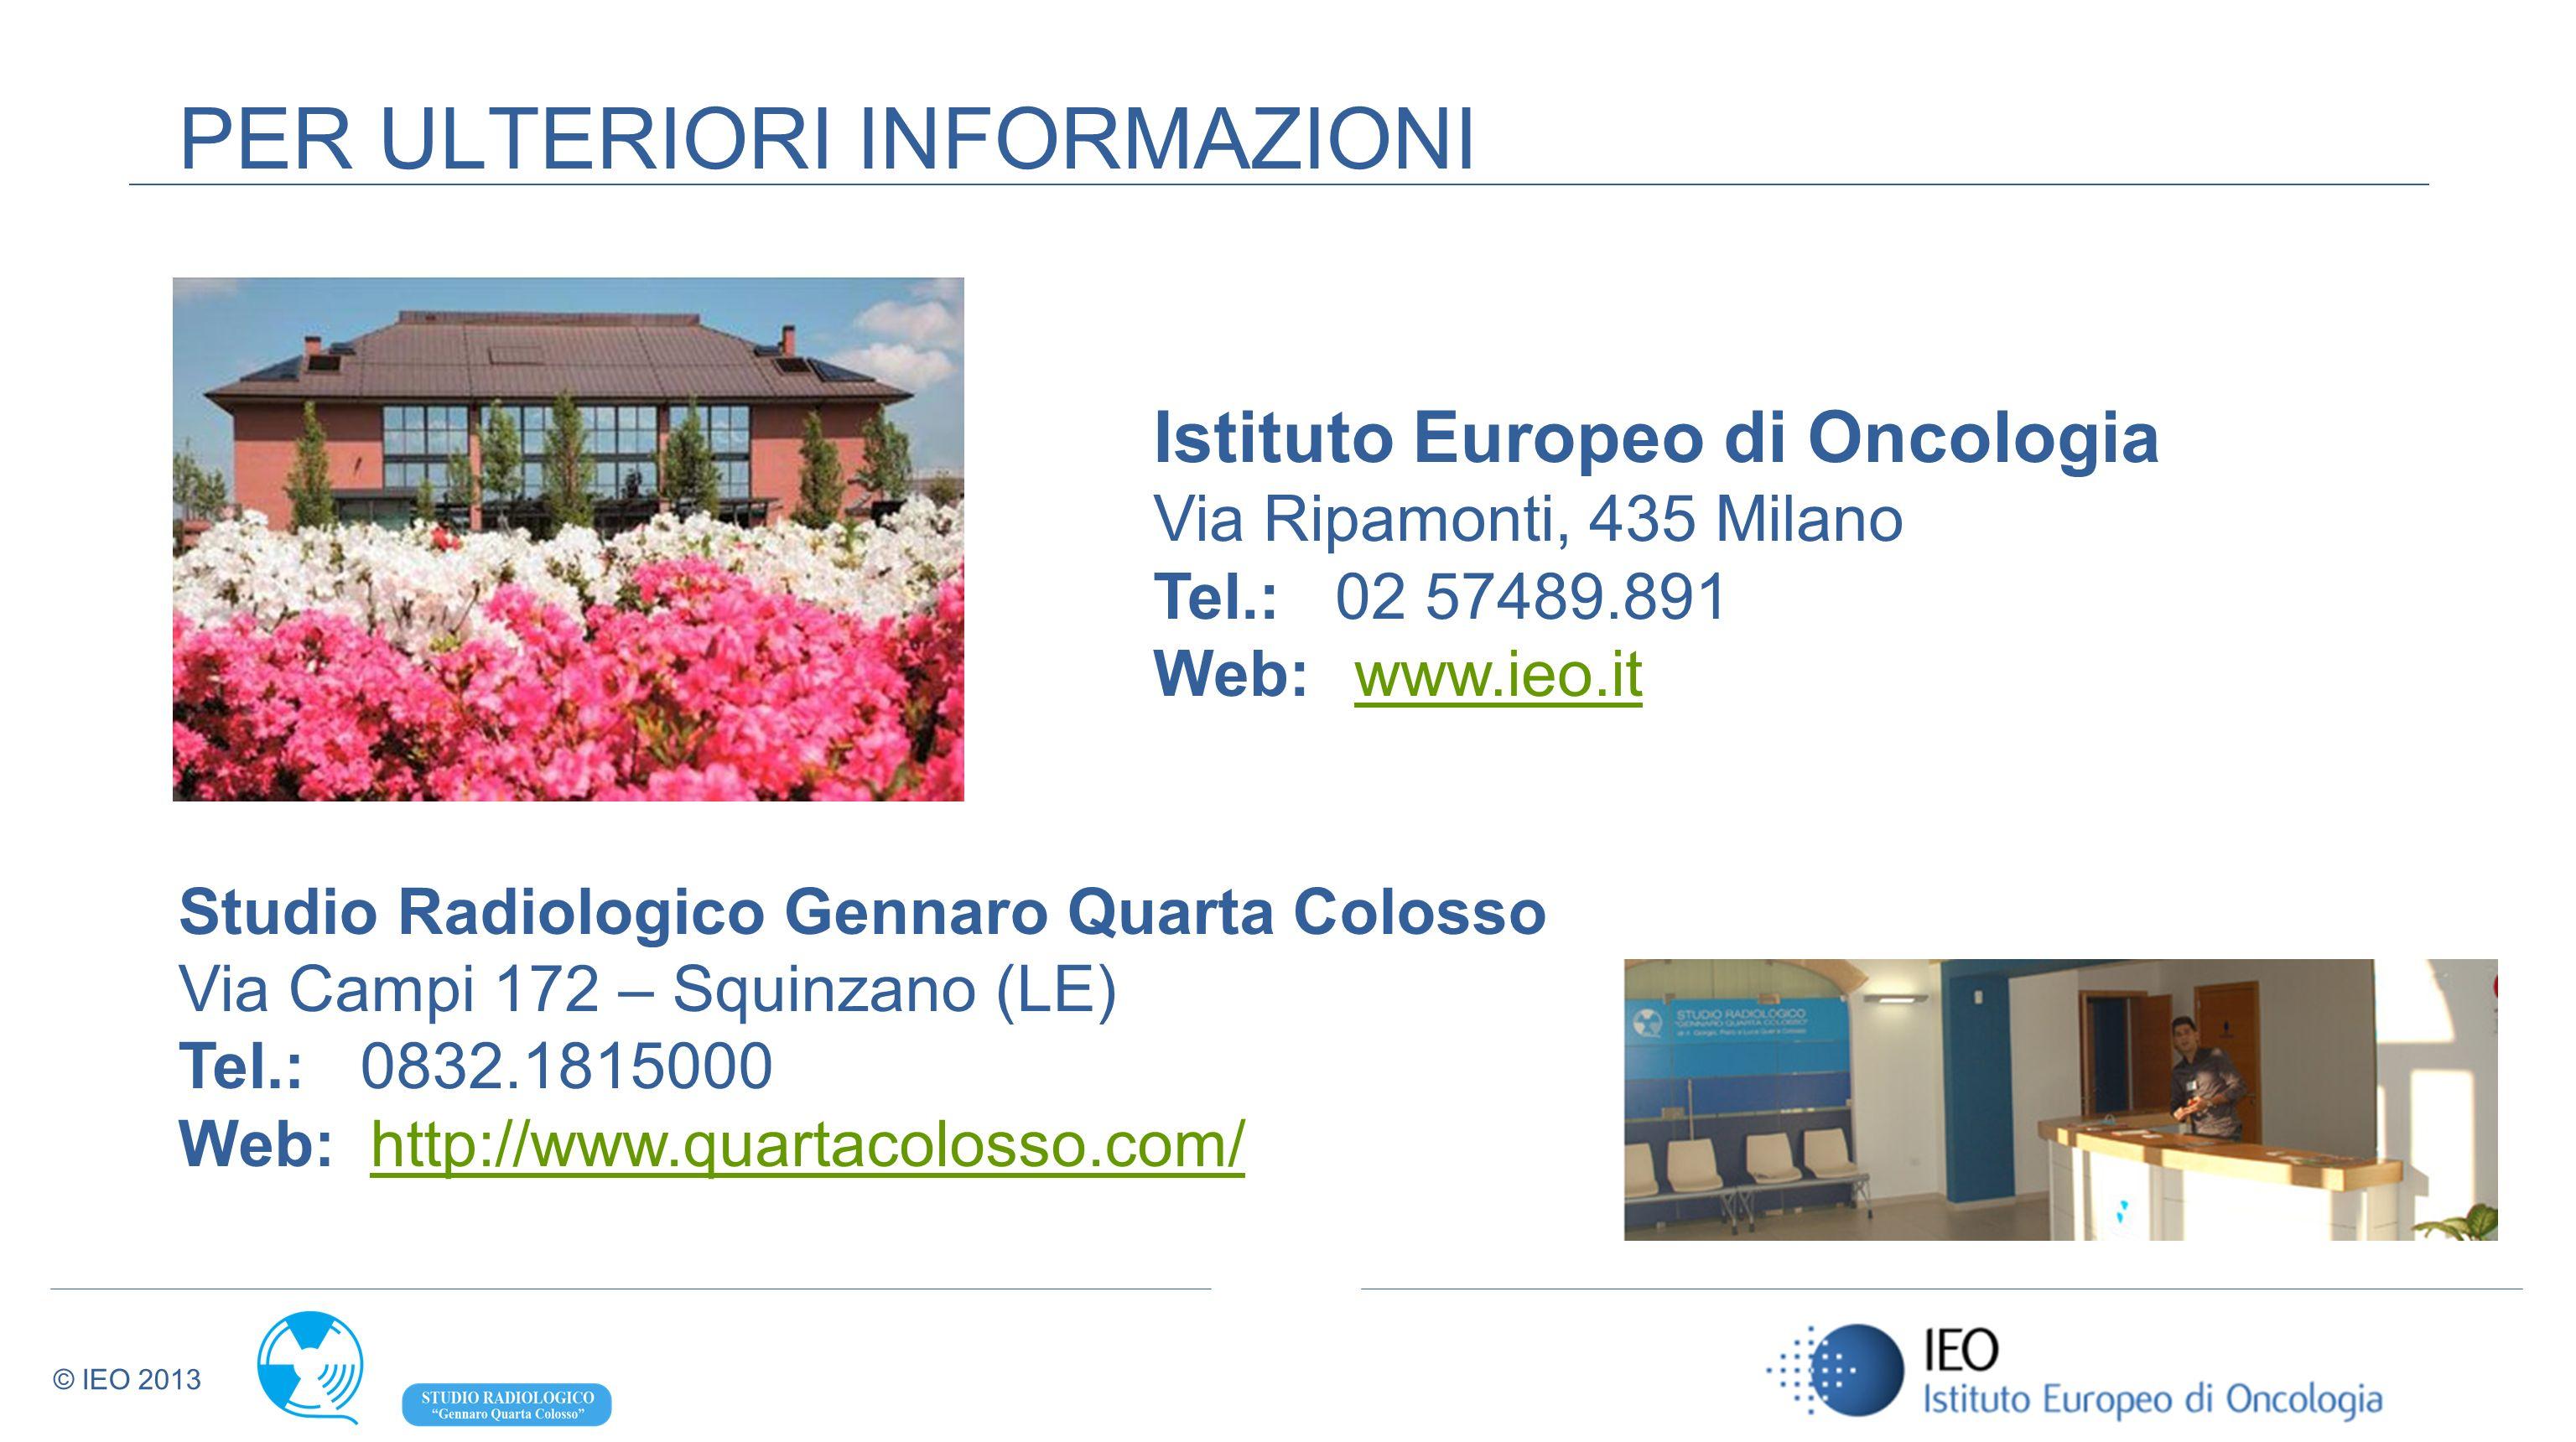 © IEO 2013 Istituto Europeo di Oncologia Via Ripamonti, 435 Milano Tel.: 02 57489.891 Web:www.ieo.itwww.ieo.it PER ULTERIORI INFORMAZIONI Studio Radio